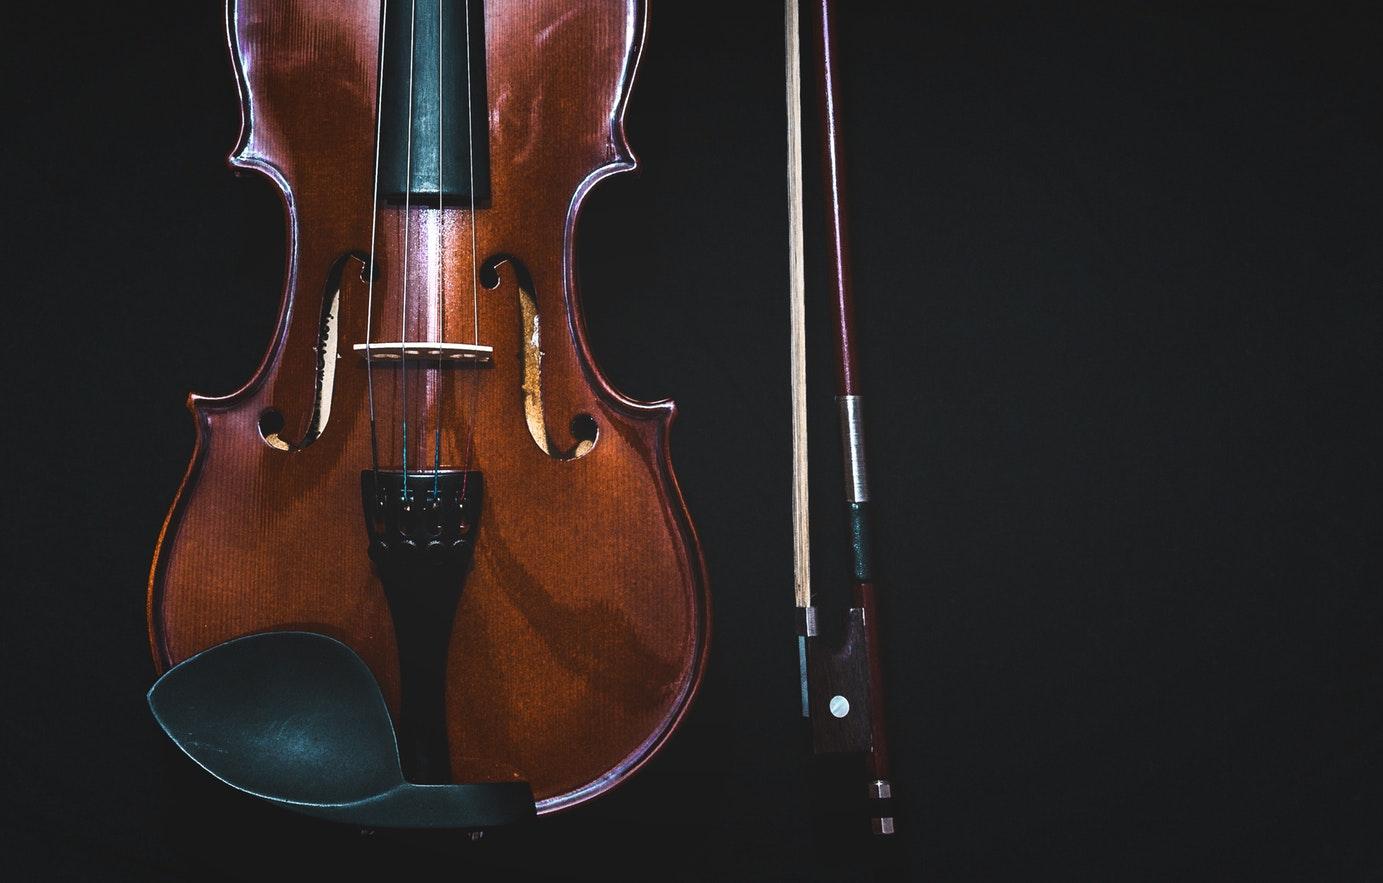 Bashar Matti, violin - Biography Forthcoming.